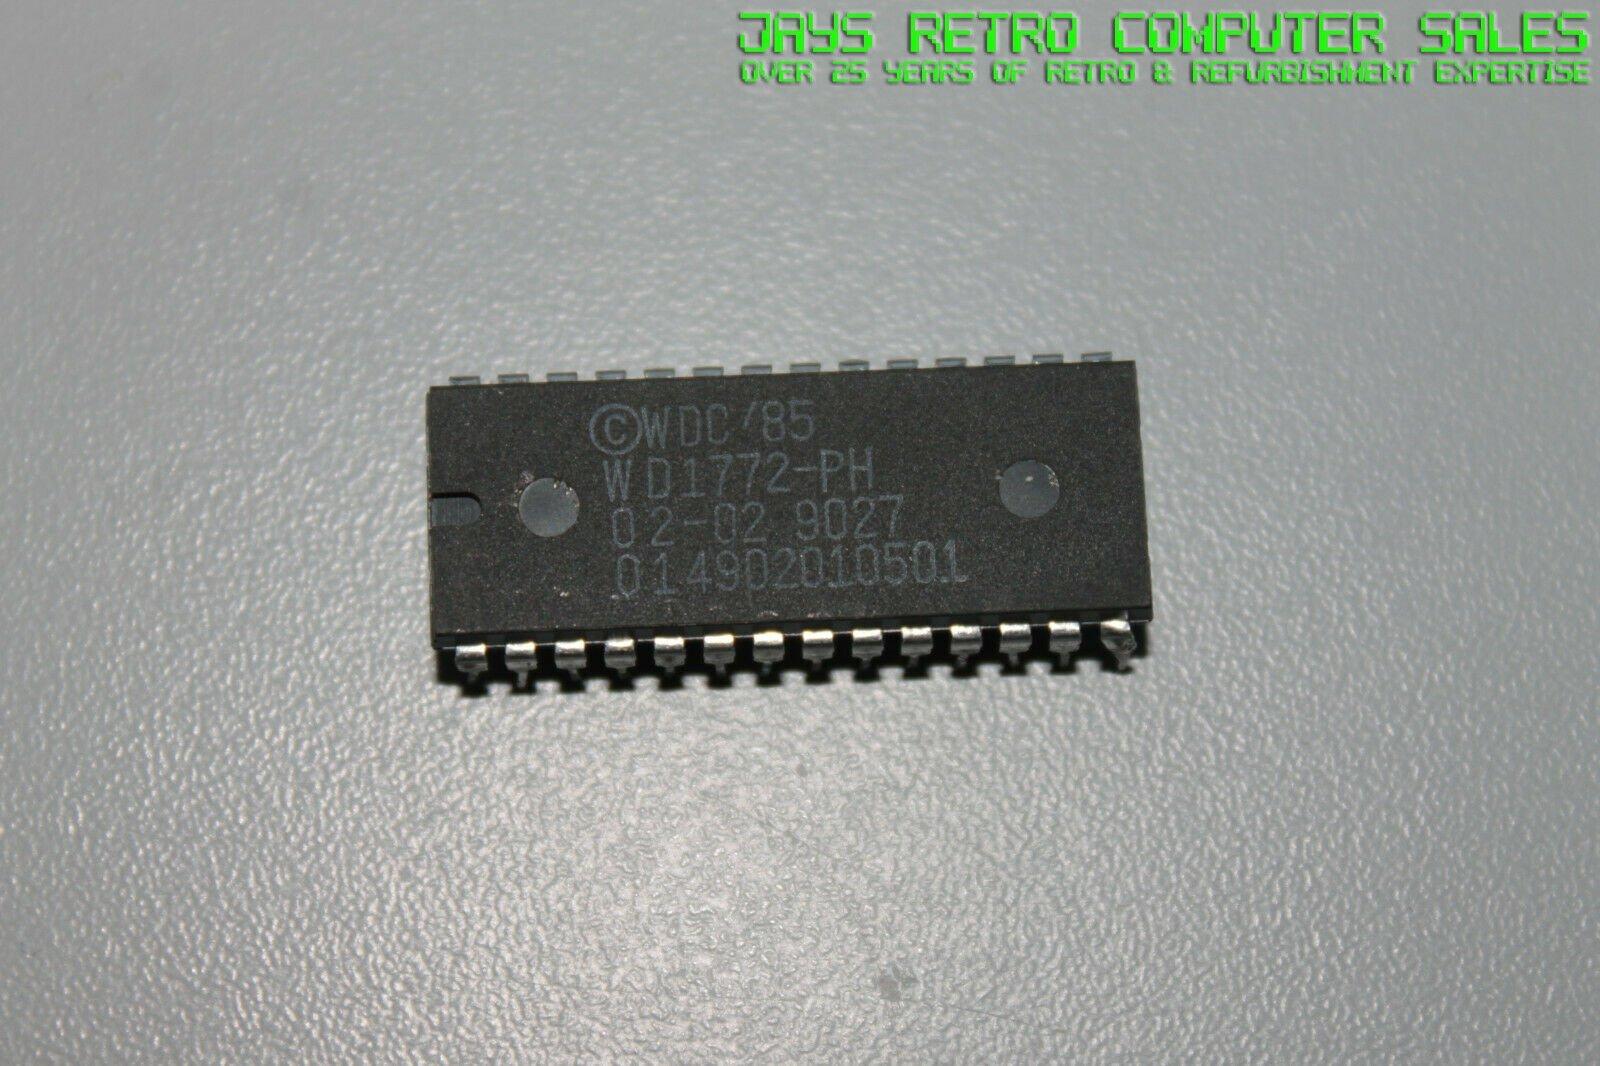 225736fc-fd65-4216-8c92-05569bc4d5a3.jpg